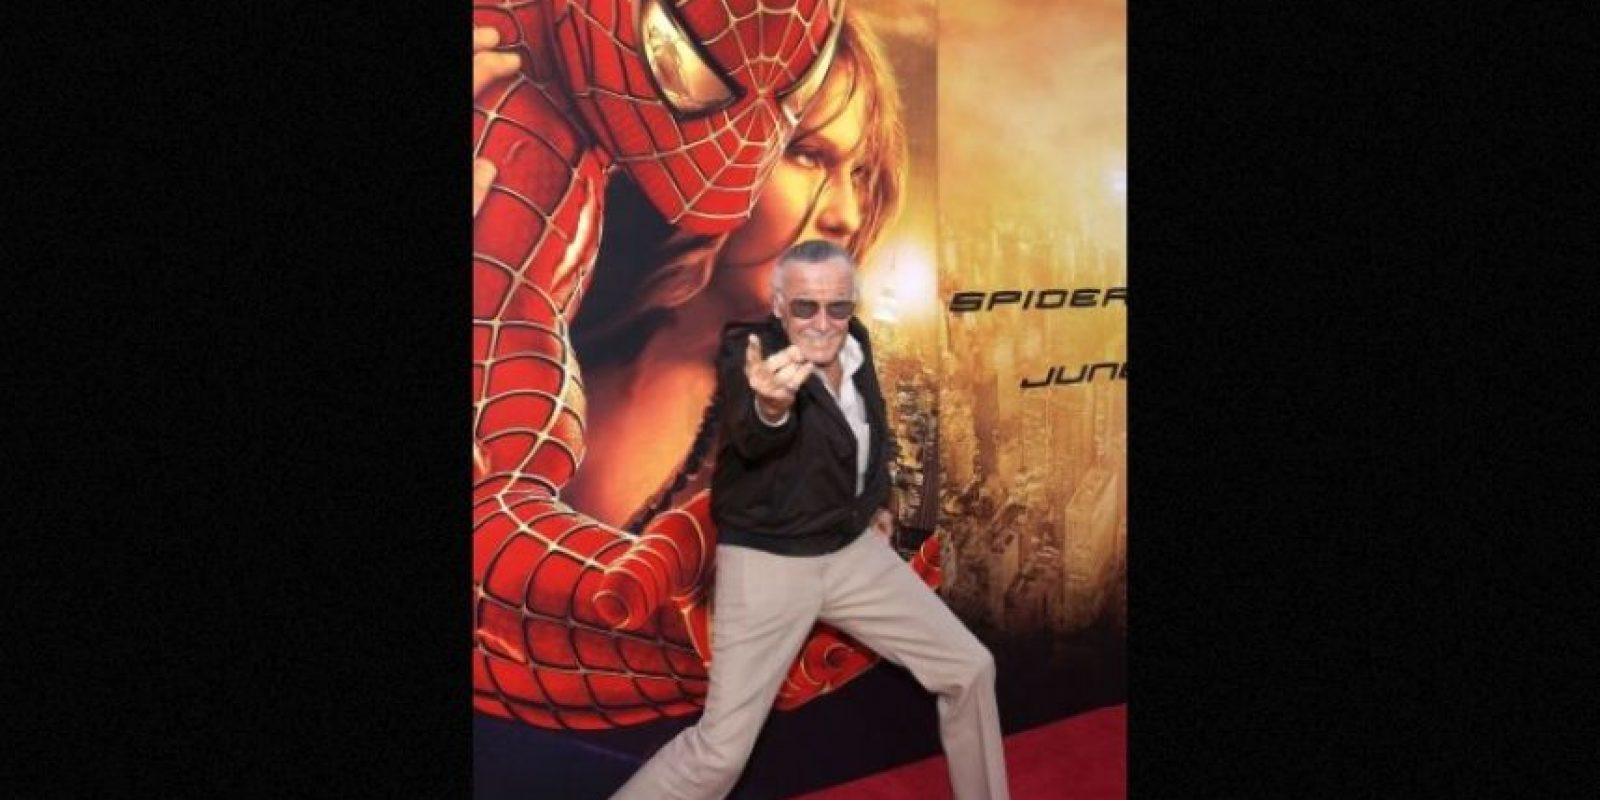 """Película de """"Spider-Man"""" (aún sin título) 28 de julio de 2017 Foto:Getty Images"""